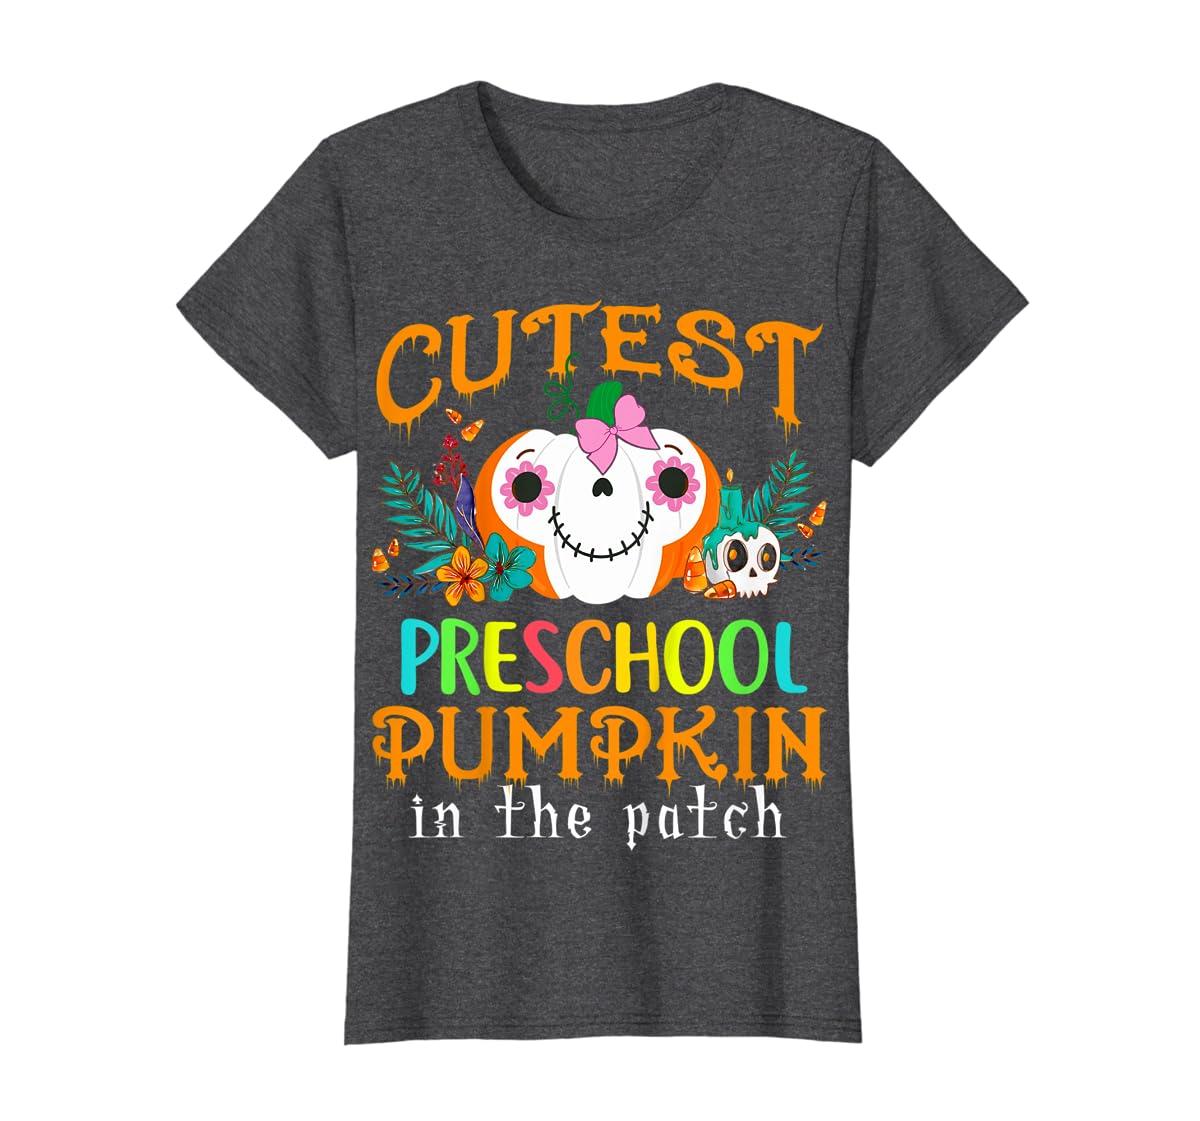 Kids Cutest Preschool Pumpkin In The Patch Halloween Costume Girl T-Shirt-Women's T-Shirt-Dark Heather